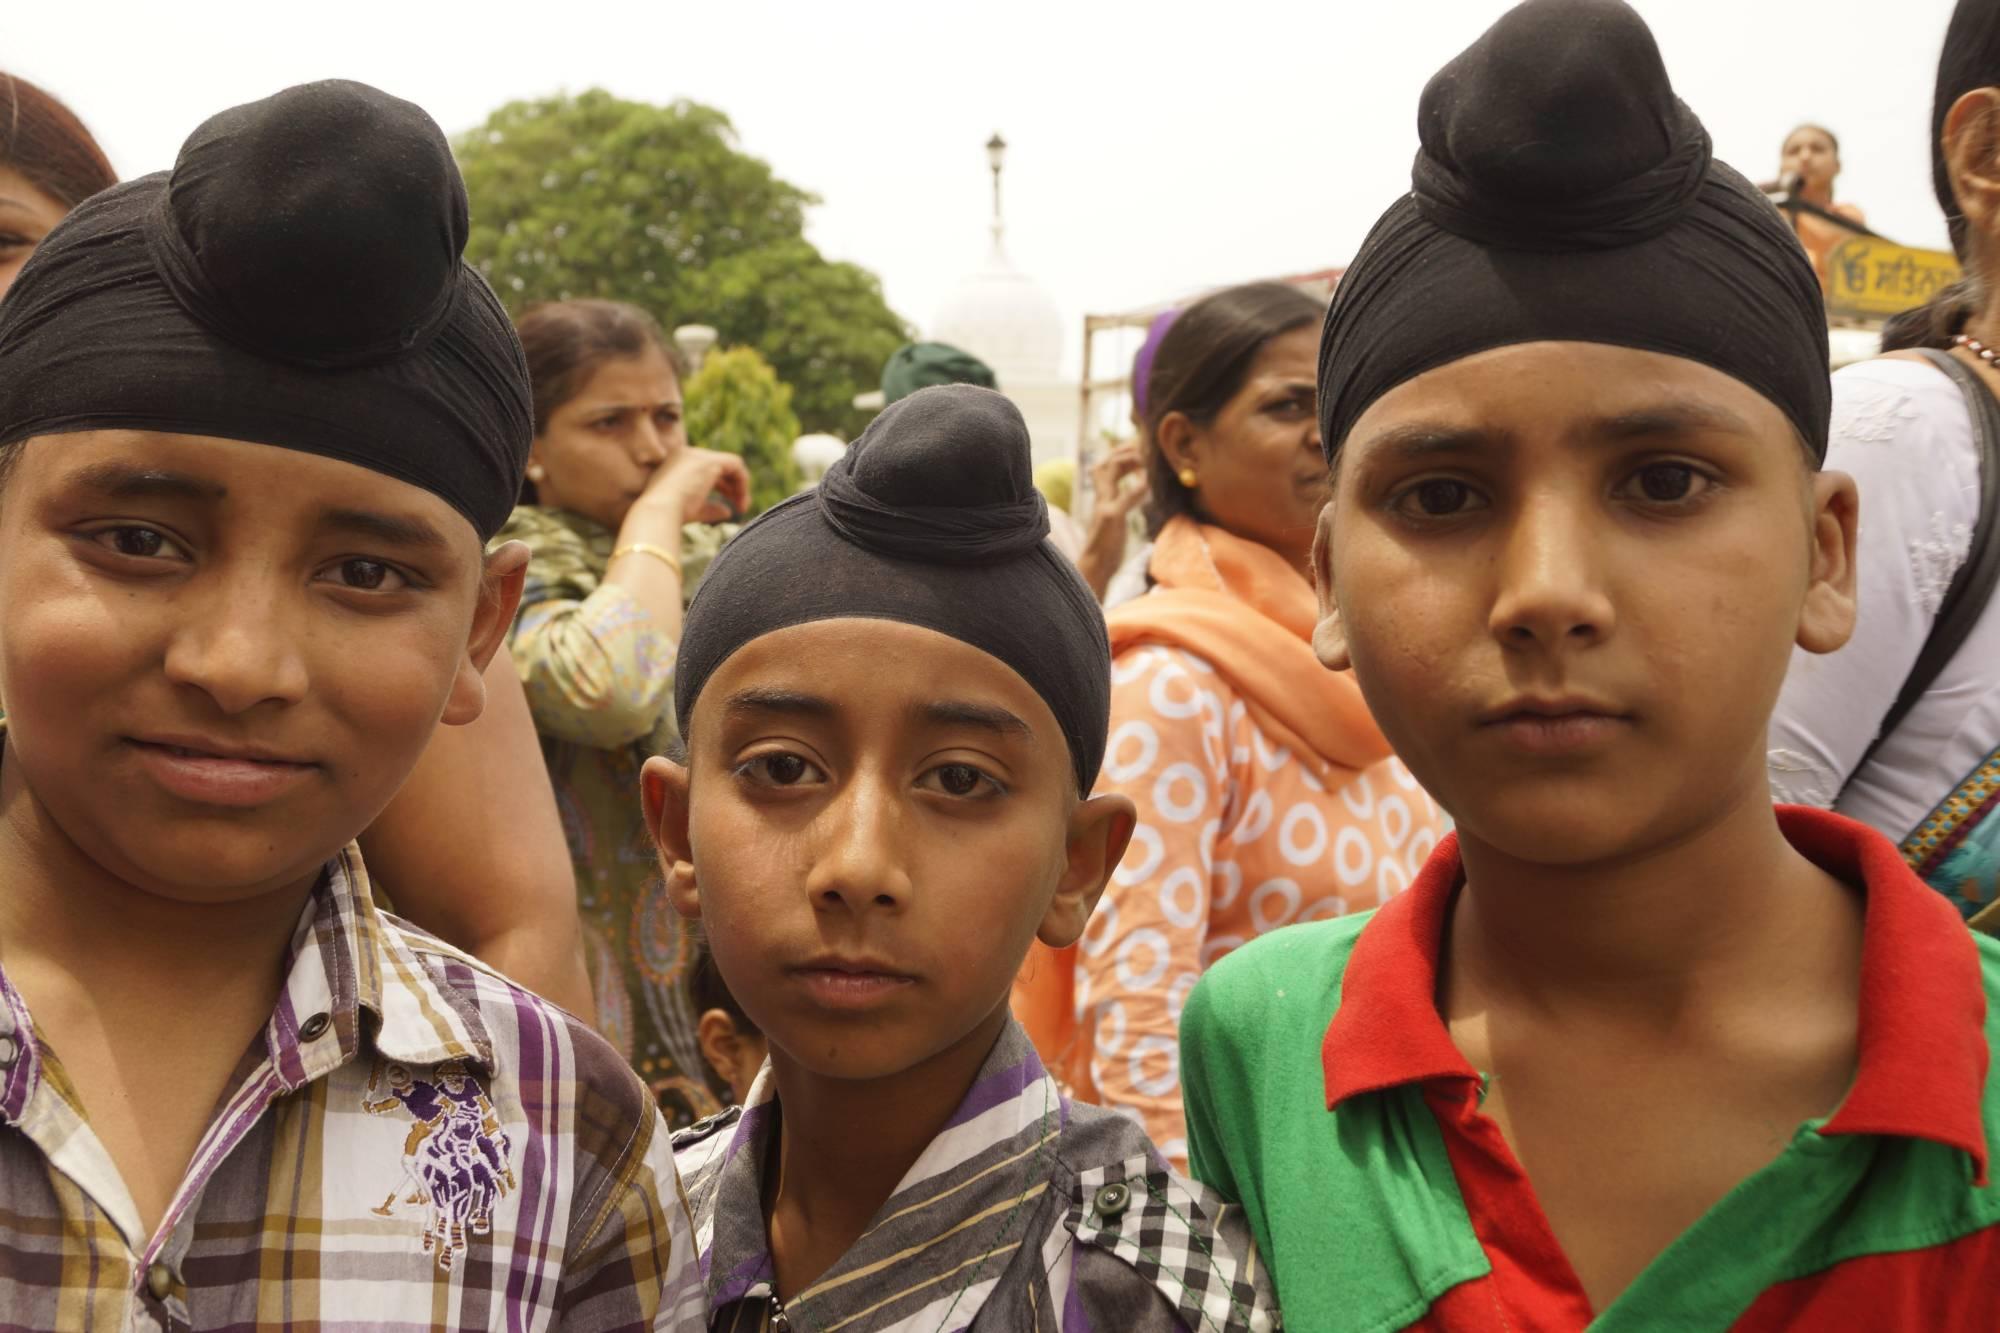 Sikhijskie turbany w Amritsarze